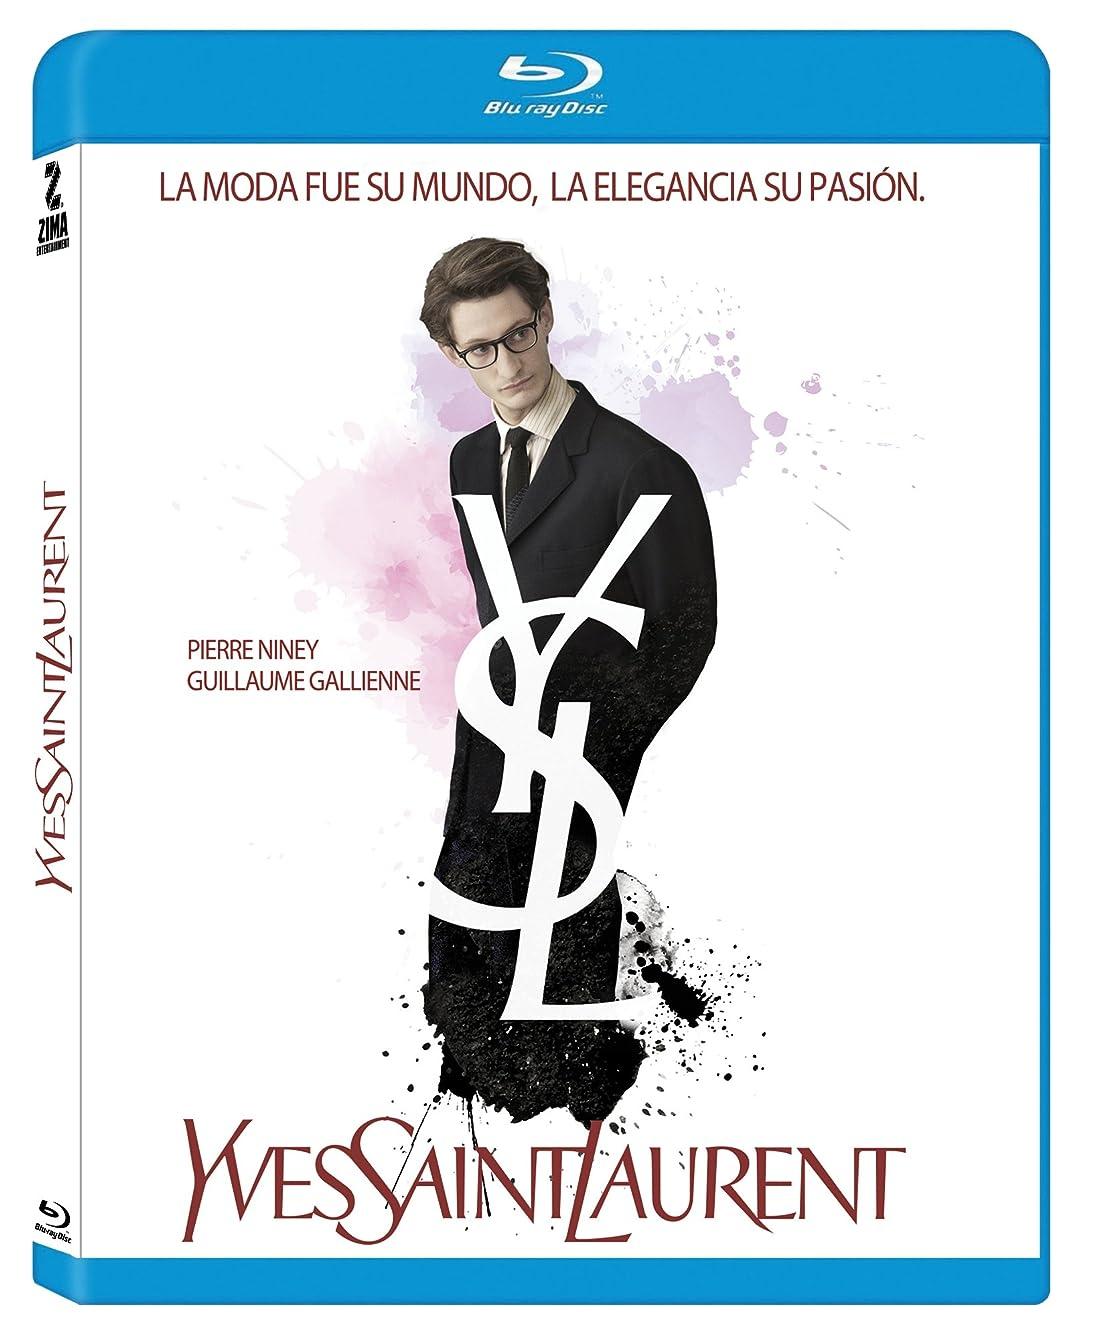 バー攻撃的コウモリYves Saint Laurent Movie Blu Ray (Multiregion) (French Audio with Spanish Subtitles / No English Options)